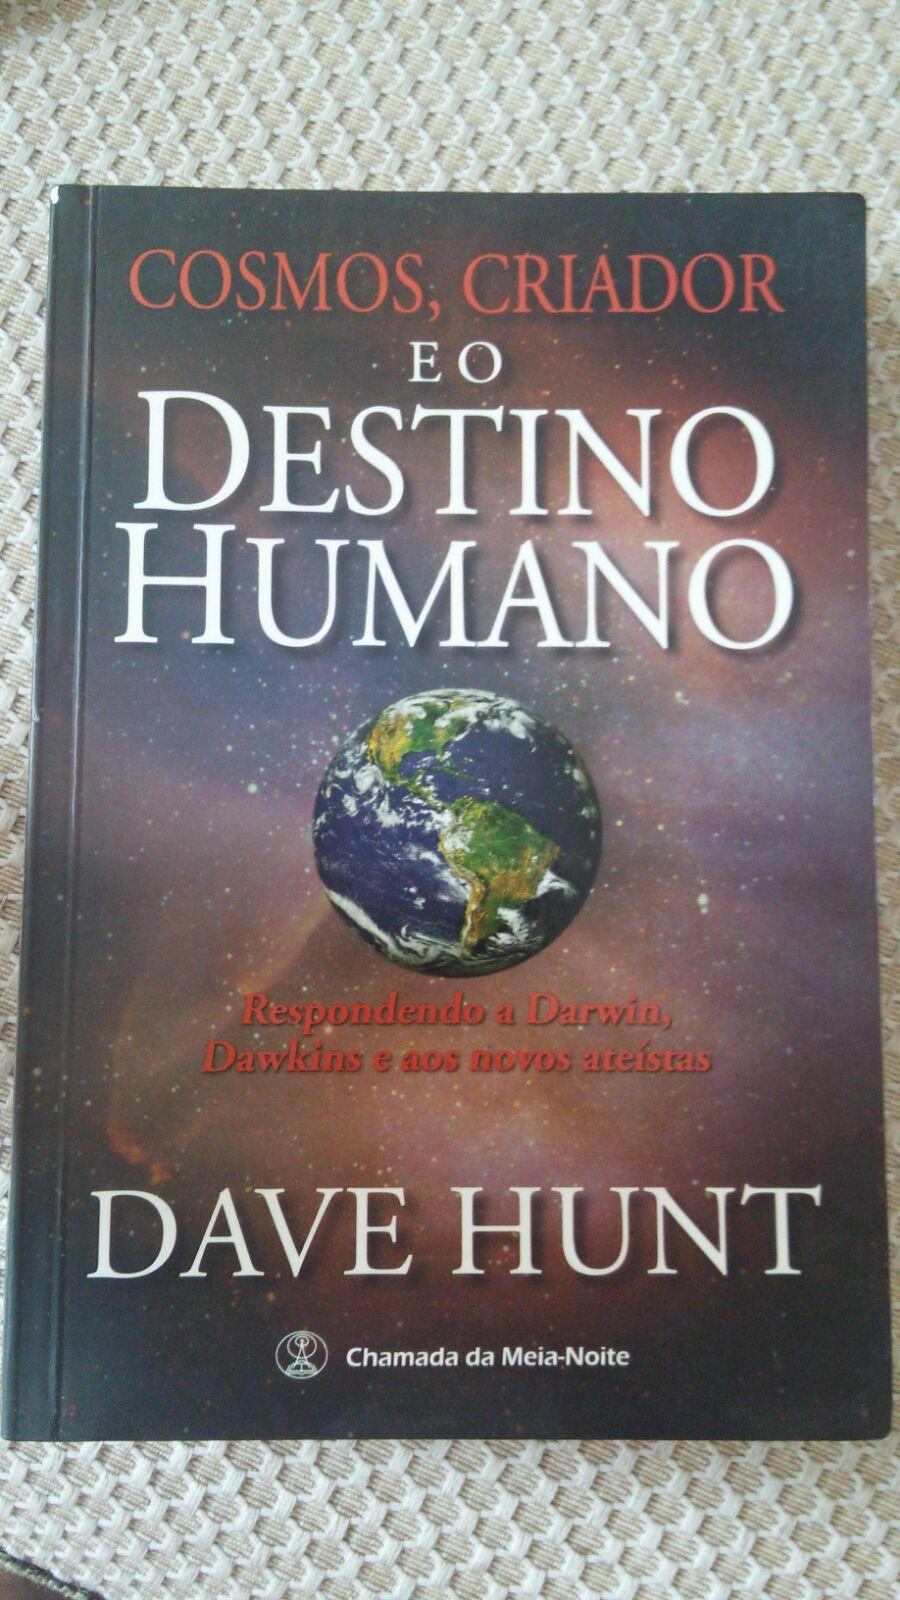 O Destino Humano